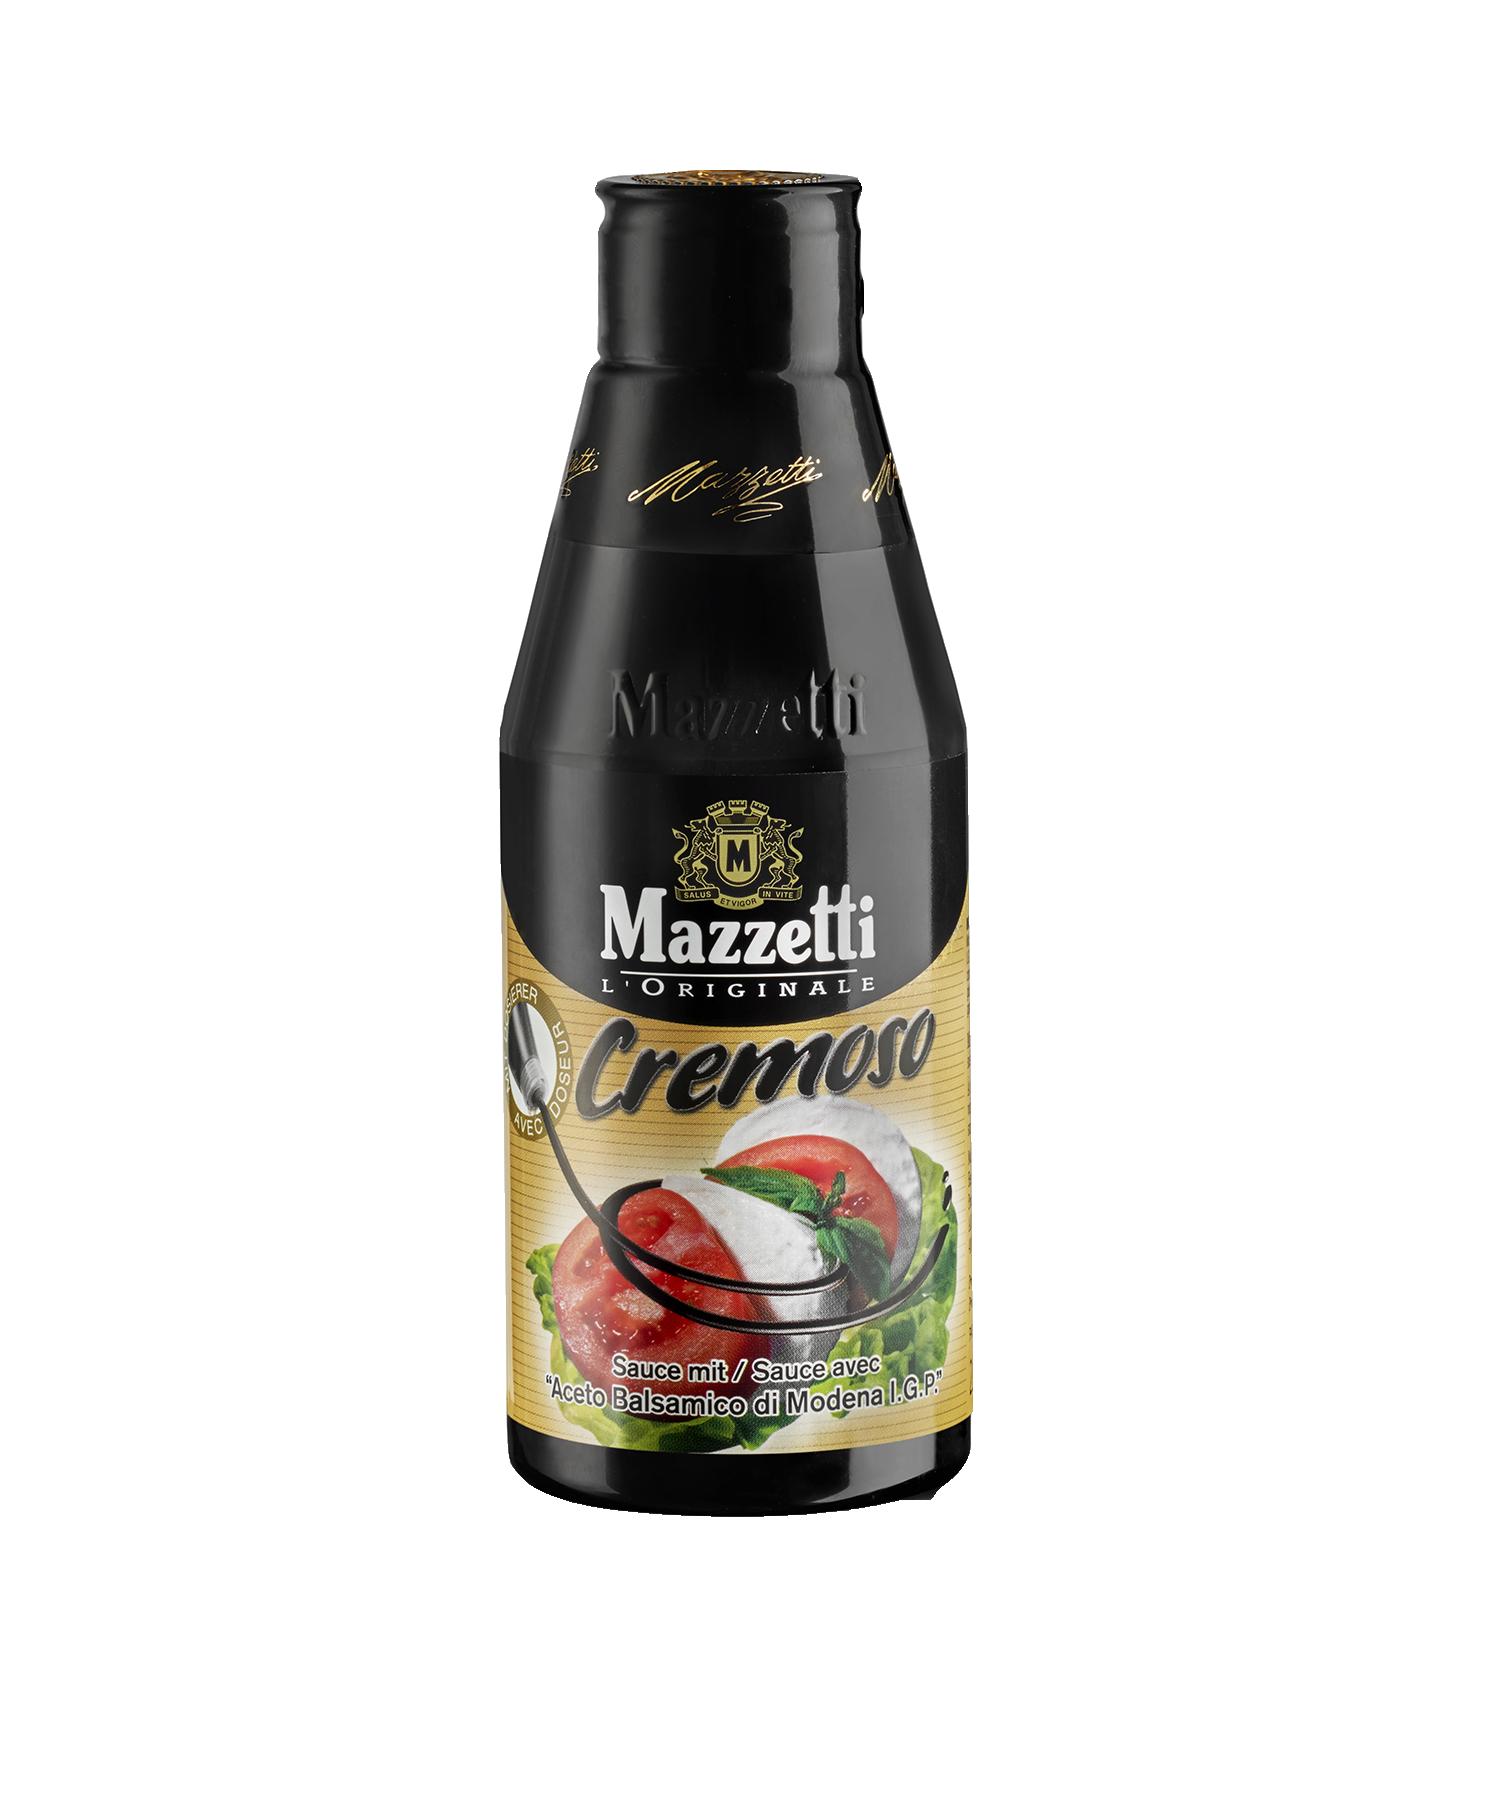 Mazzetti Cremoso